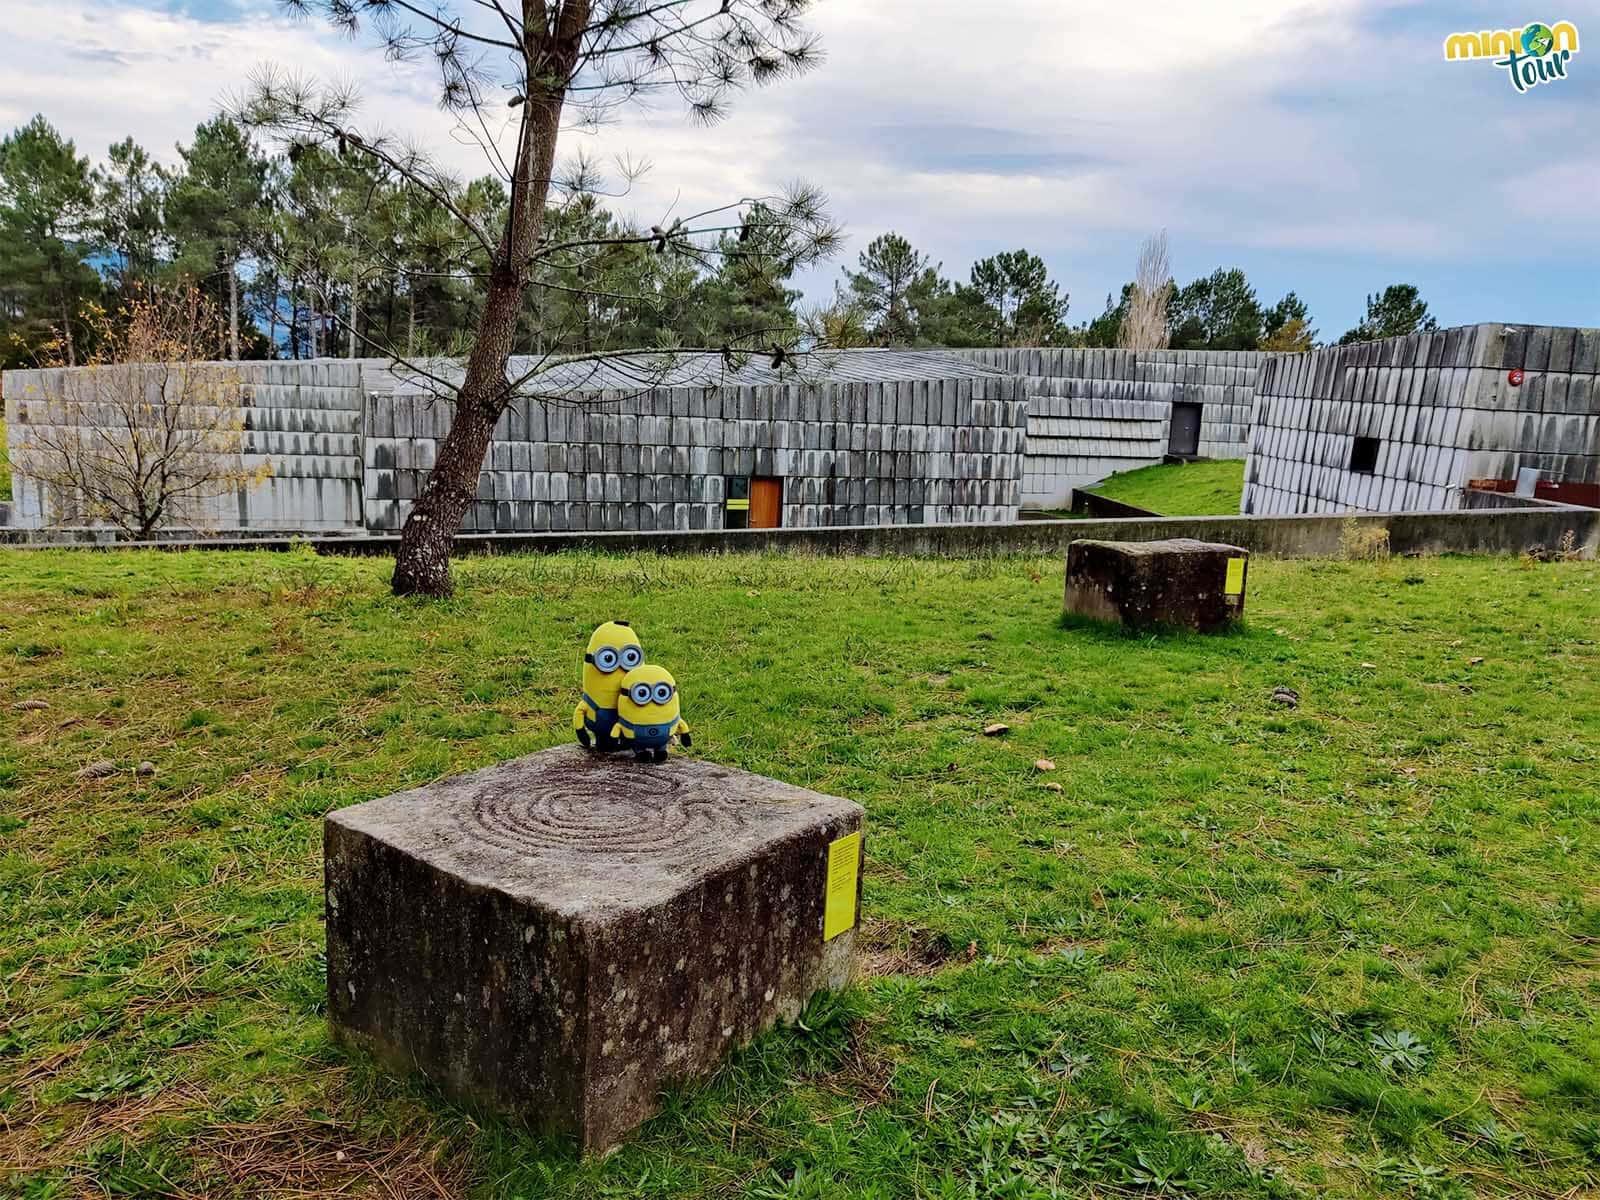 Estos son los únicos petroglifos que puedes tocar en el Parque Arqueológico del Arte Rupestre de Campo Lameiro